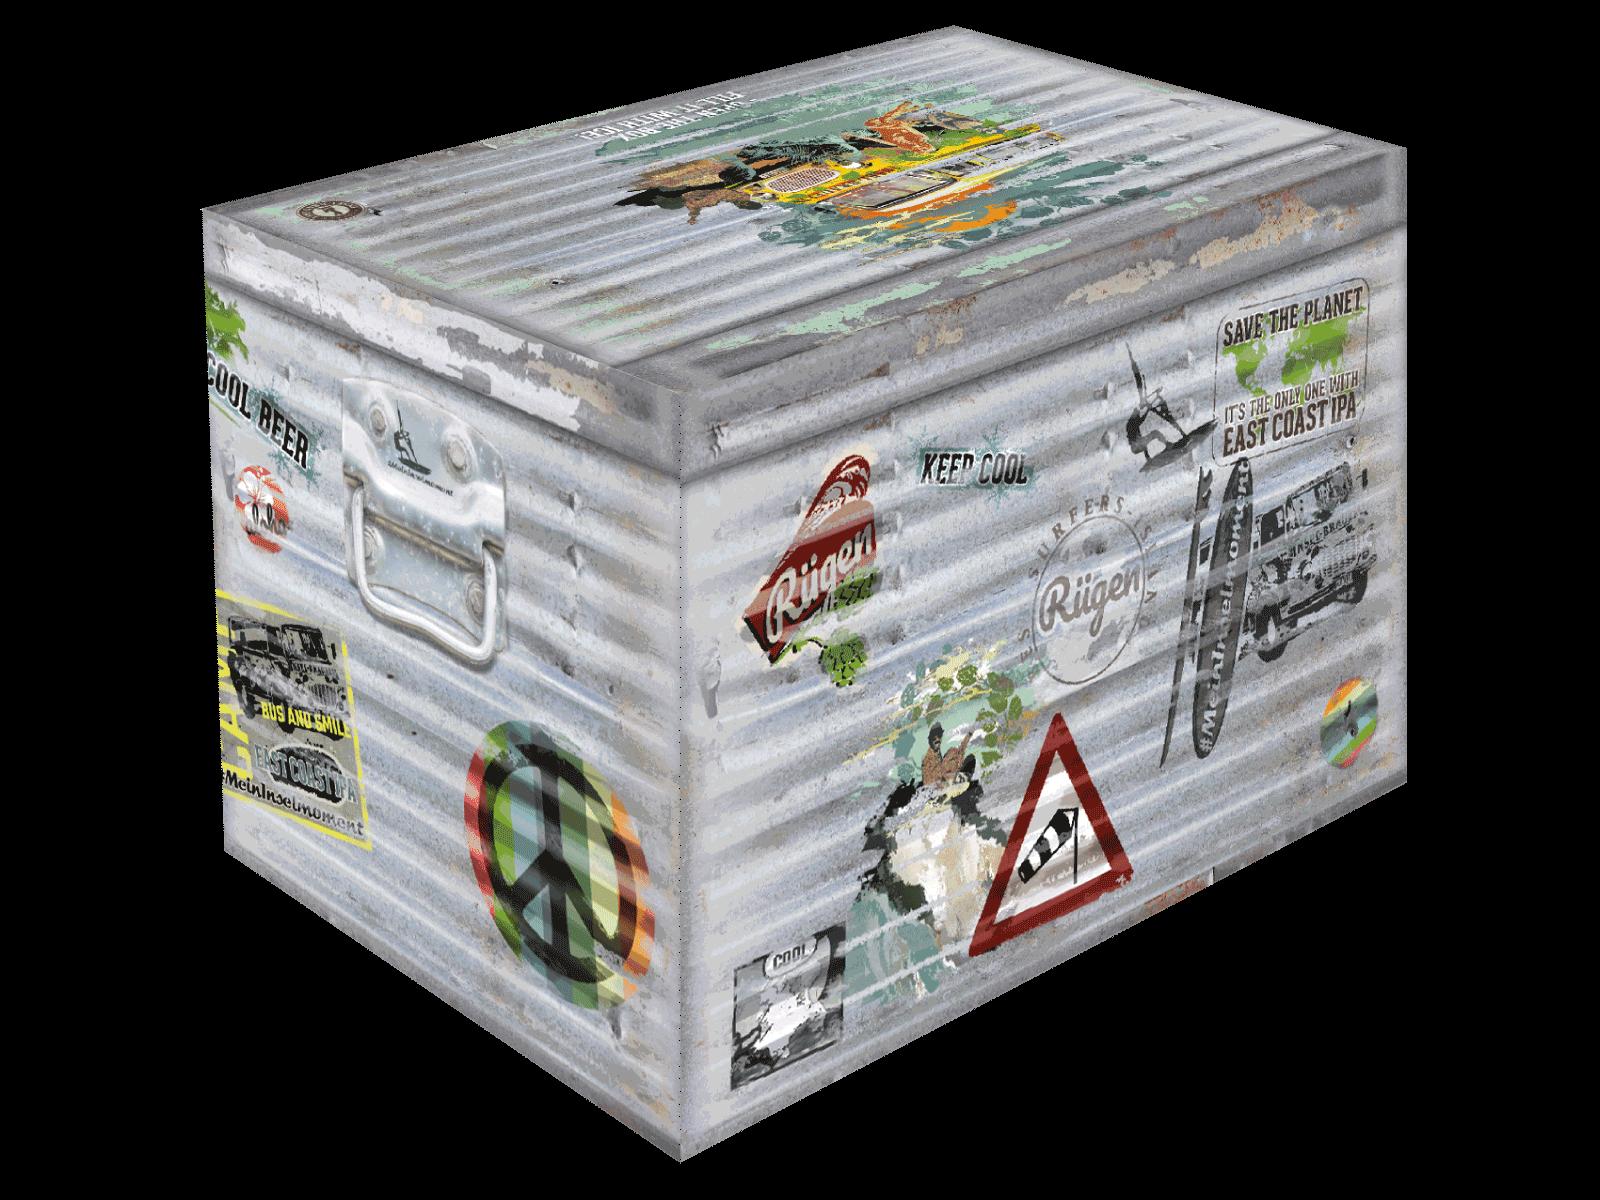 EAST COAST BOX